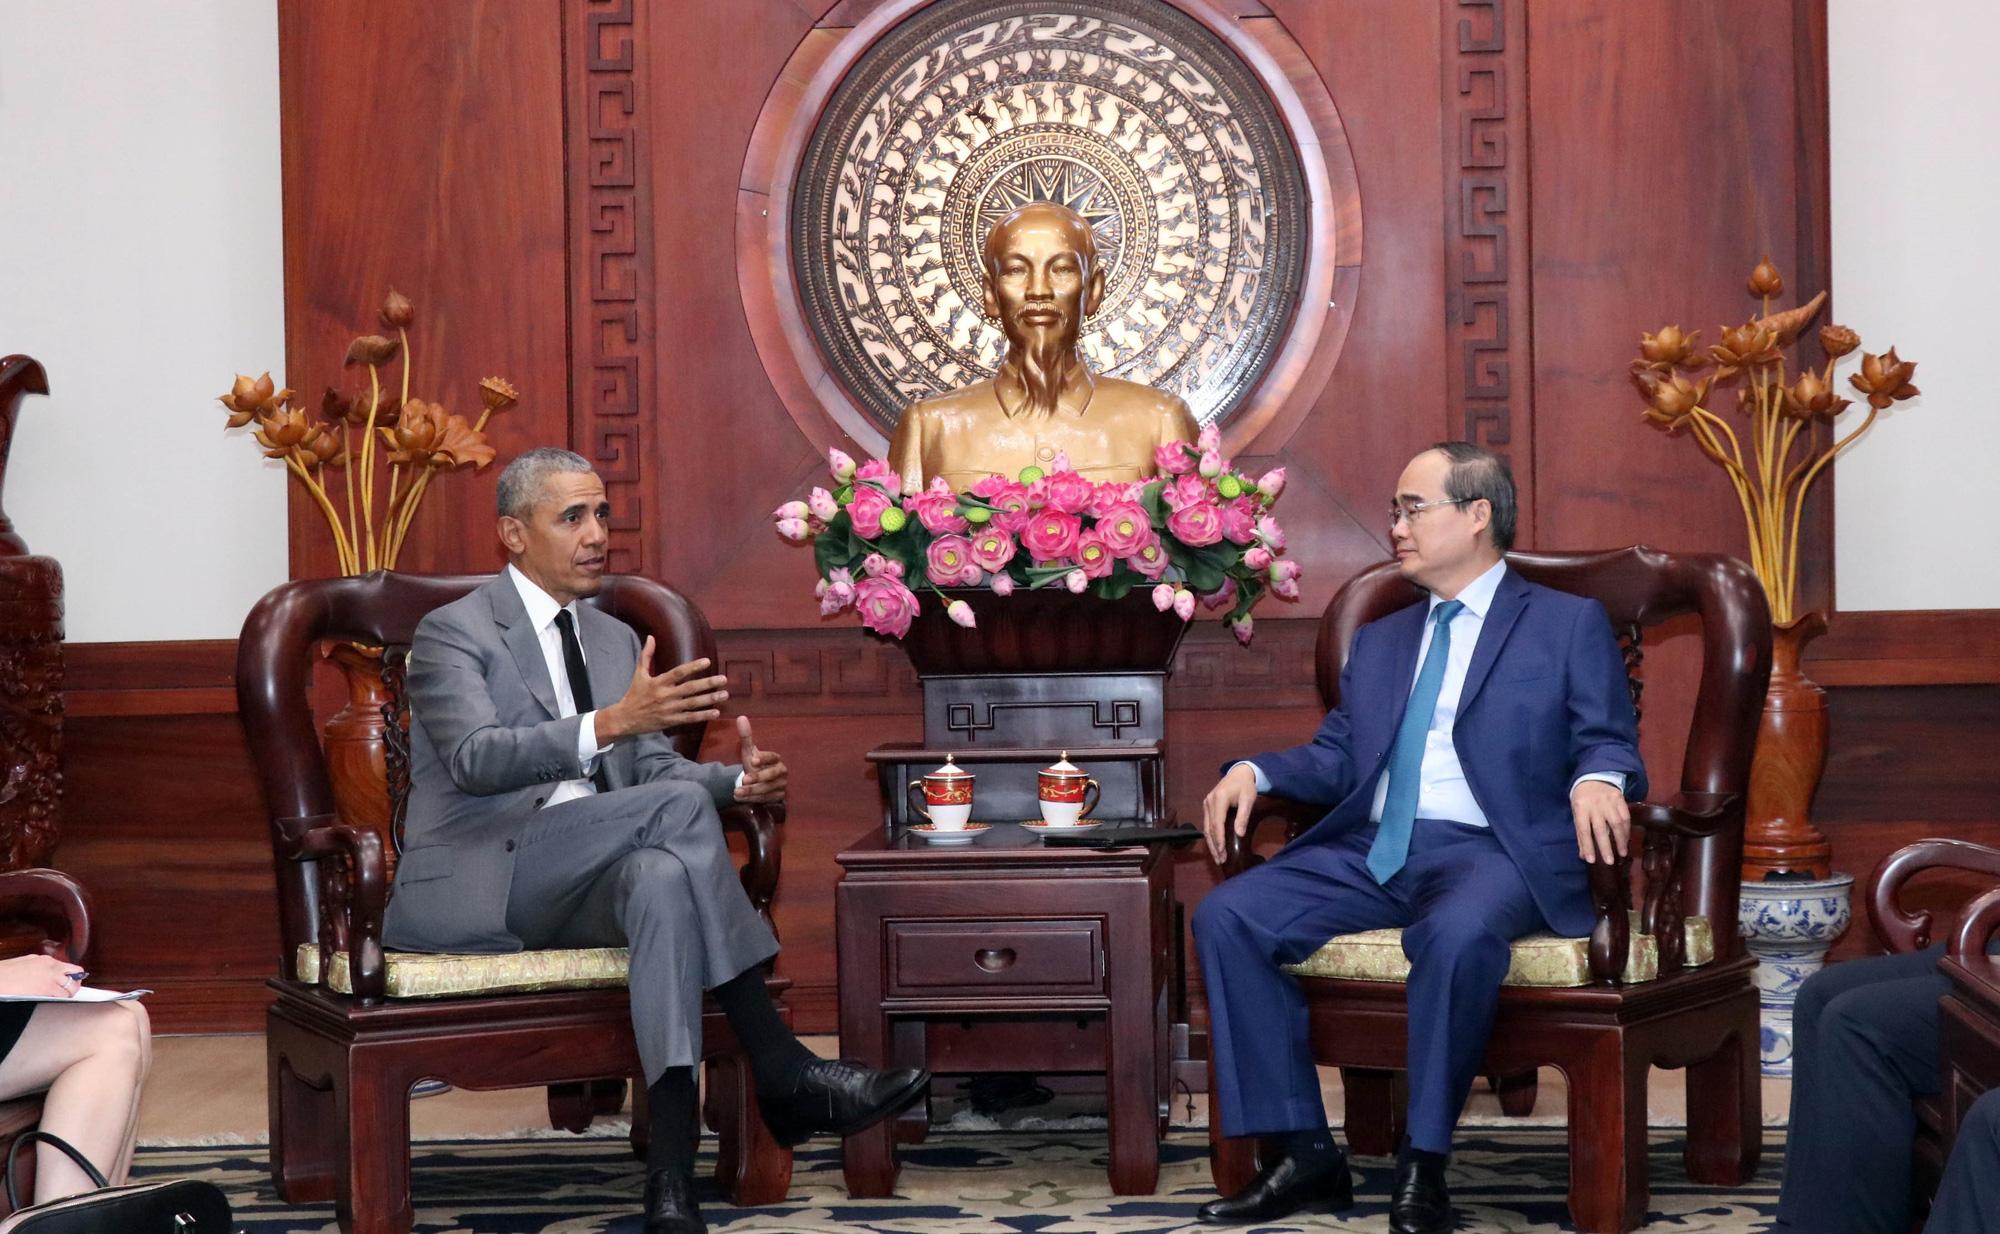 Barack Obama, Ho Chi Minh City Party chief talk Vietnam-U.S. ties